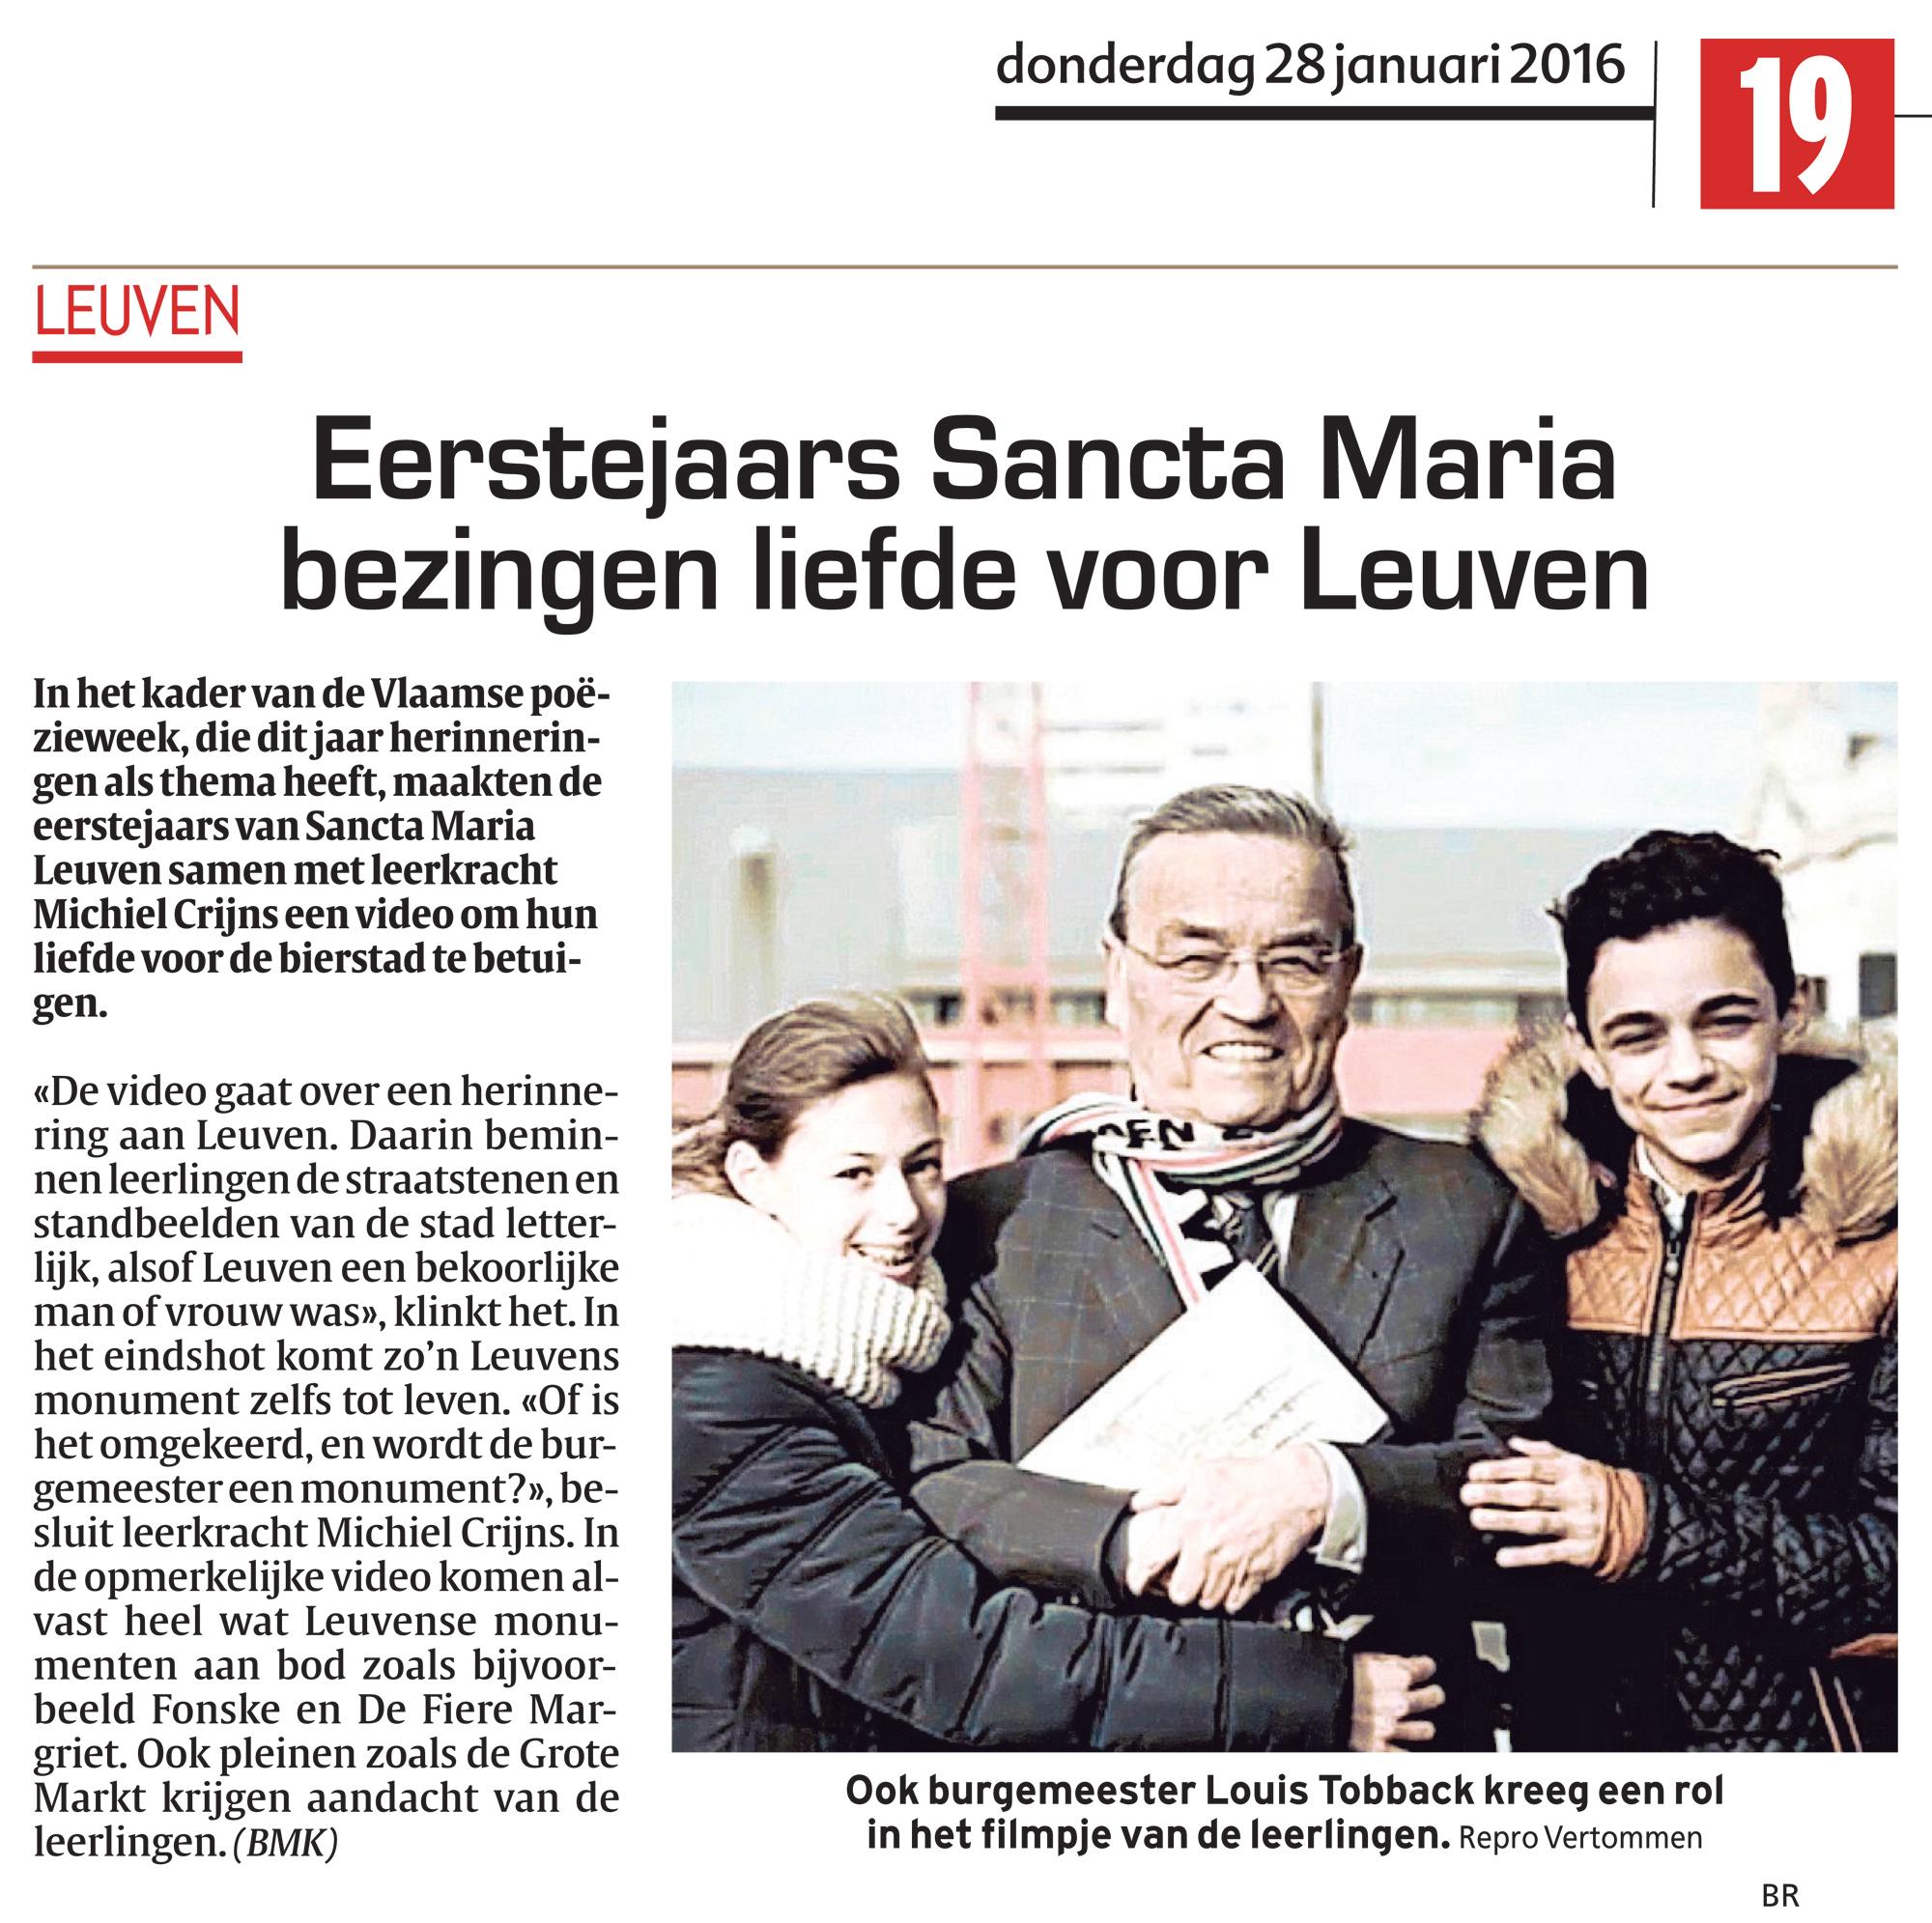 Monumentale liefde voor Leuven